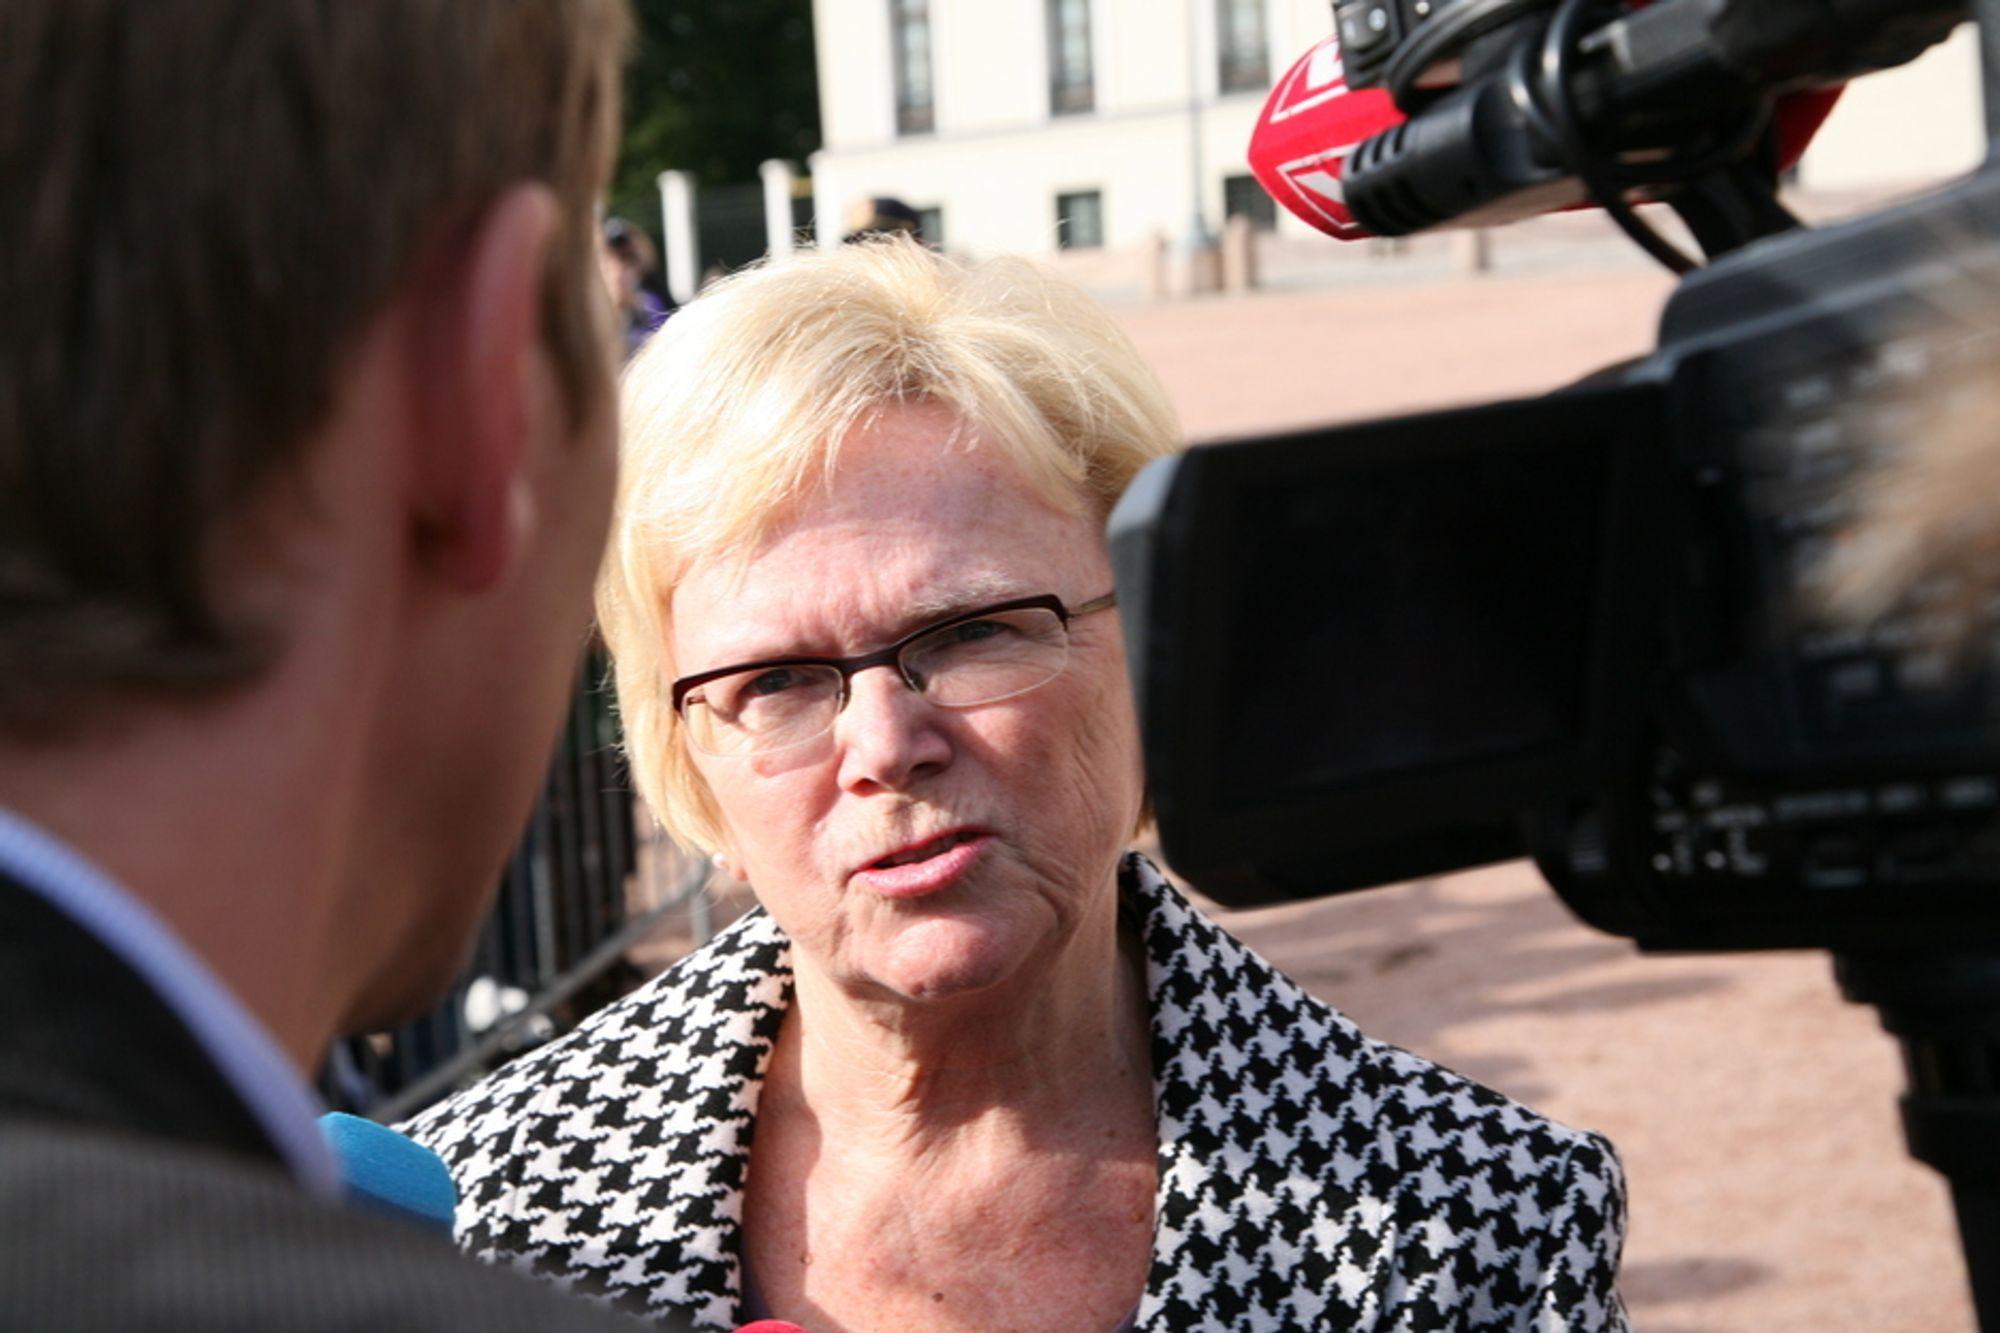 Kommunalminister Magnhild Meltveit Kleppa må inn med en rekke tiltak for å redde bolig- og byggenæringen, ifølge bransjen selv.